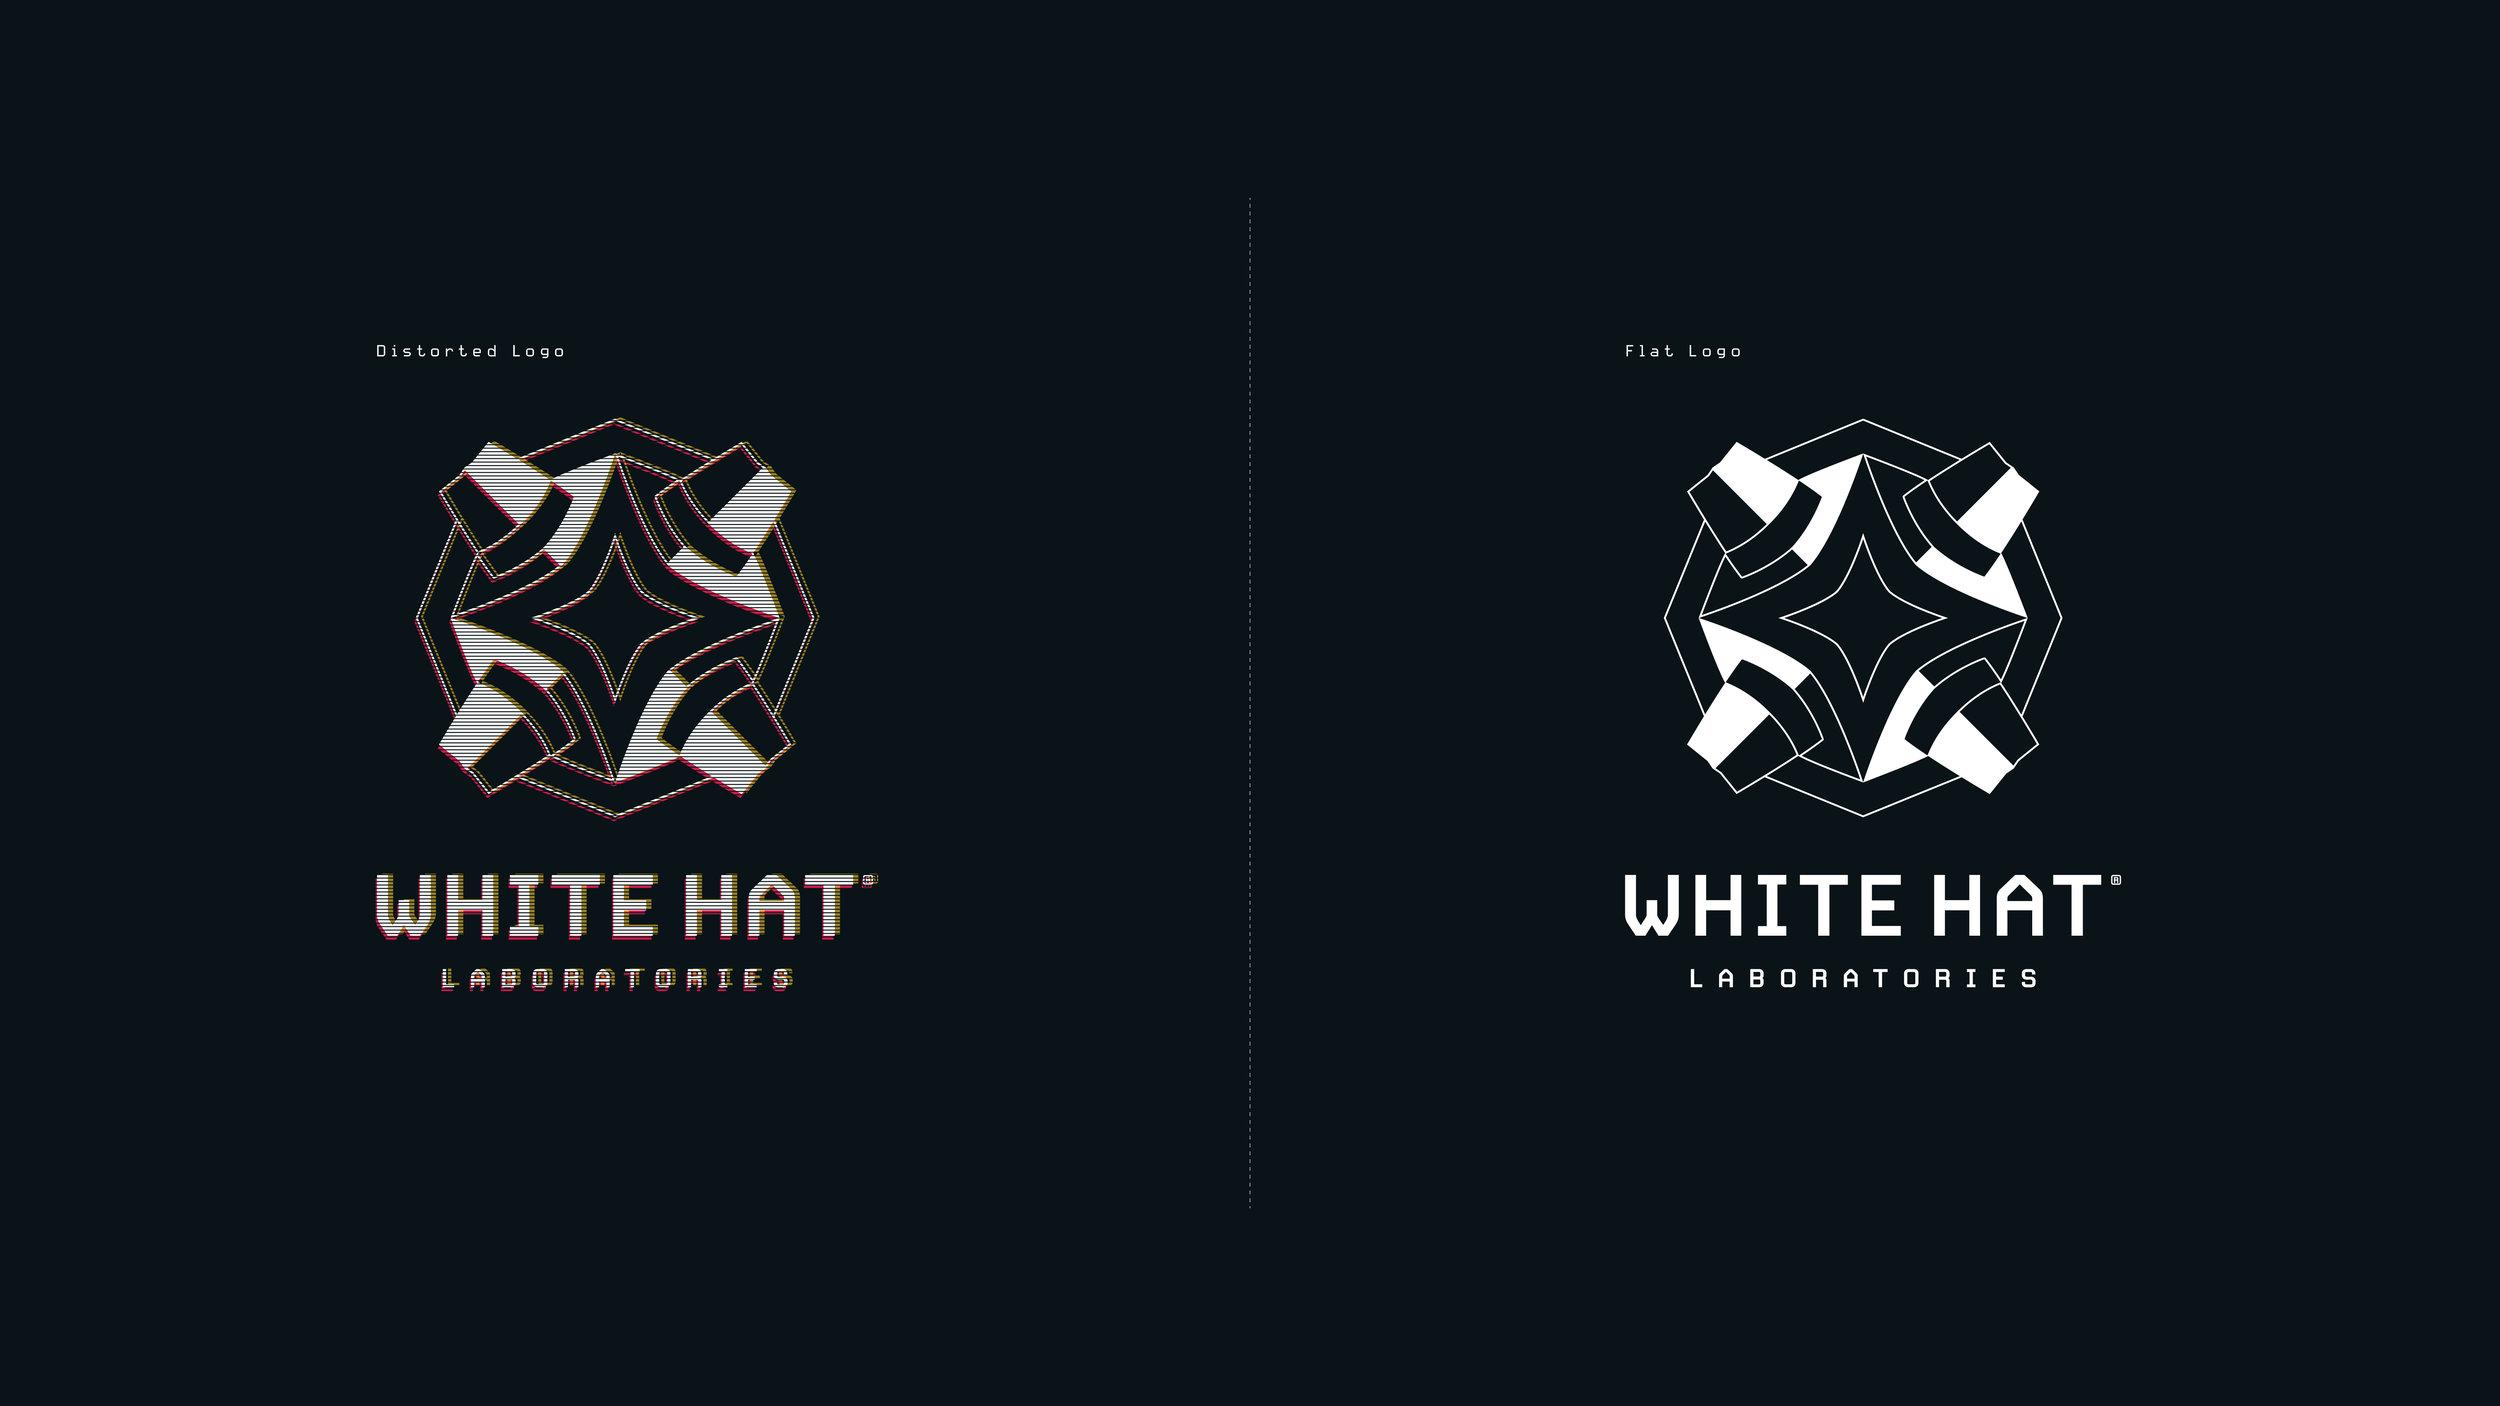 logos@1x.jpg